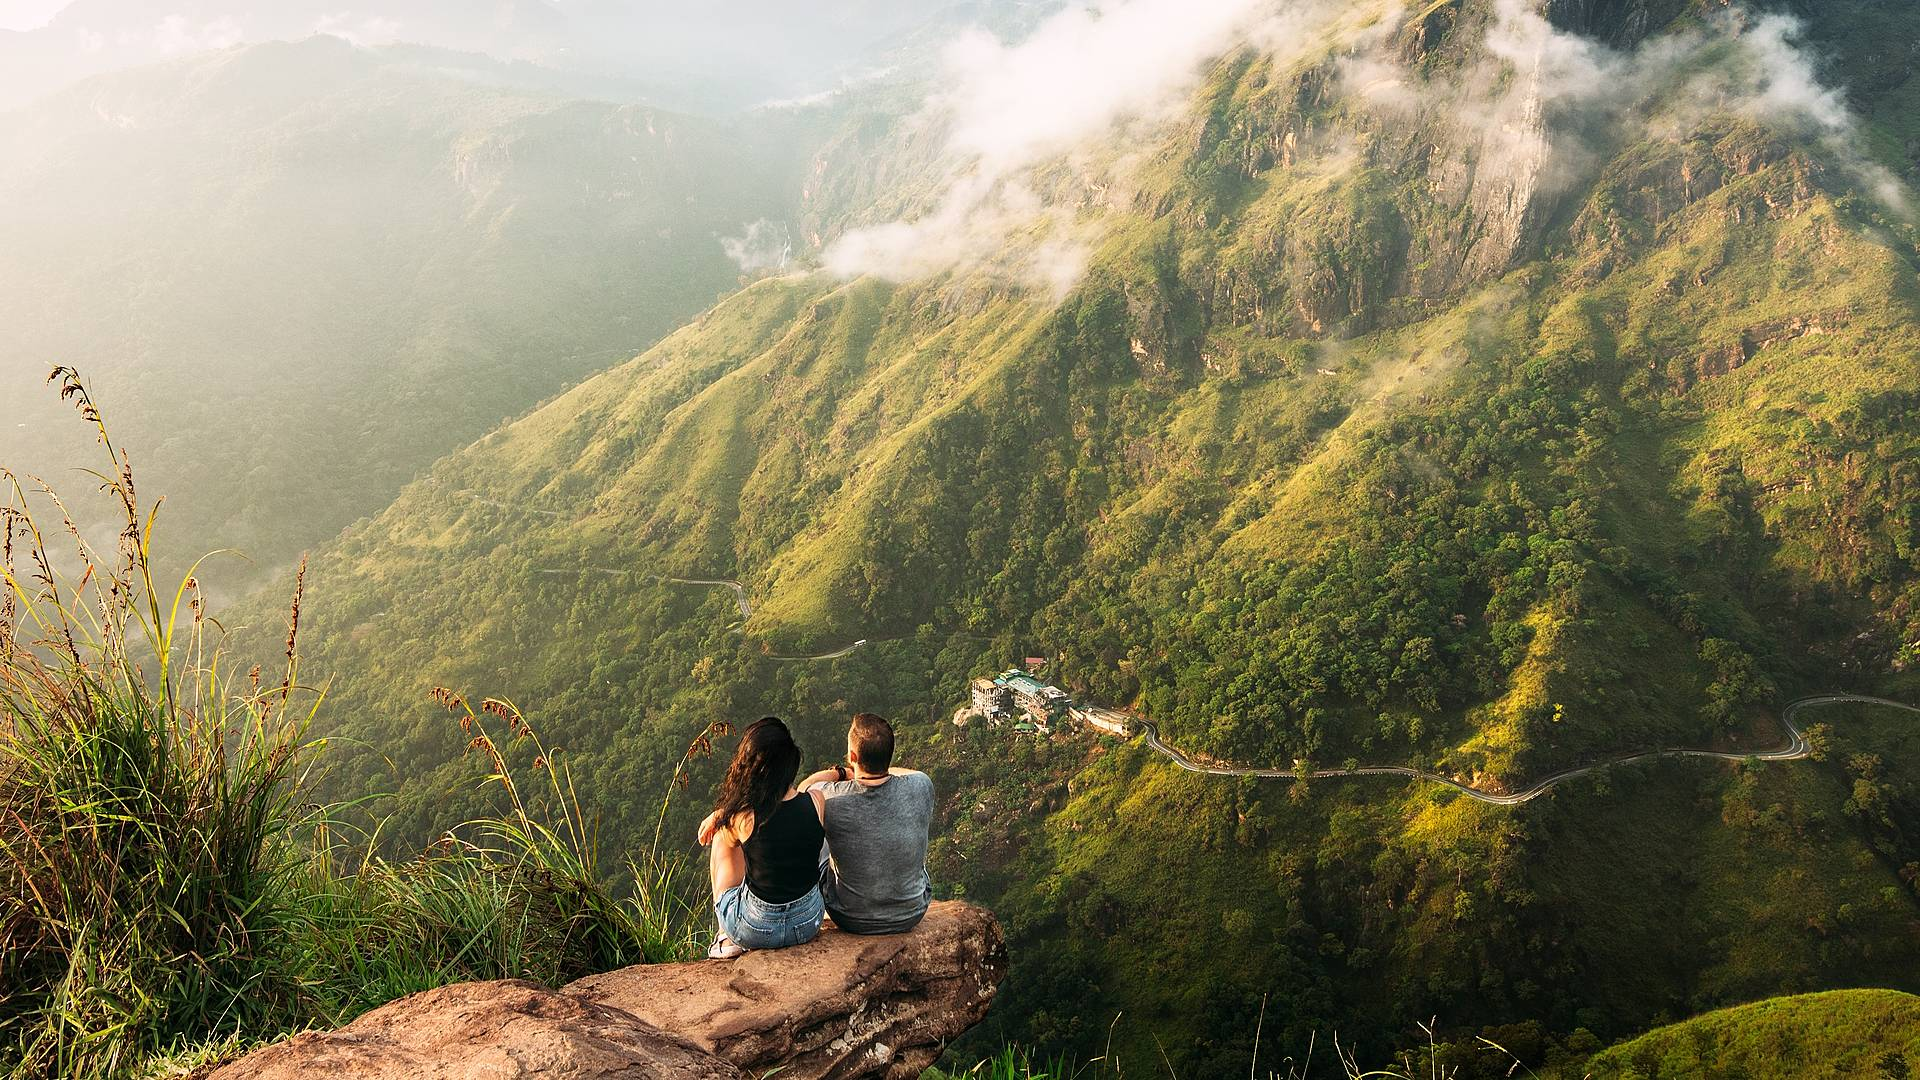 Romantik und Abenteuer im Indischen Ozean